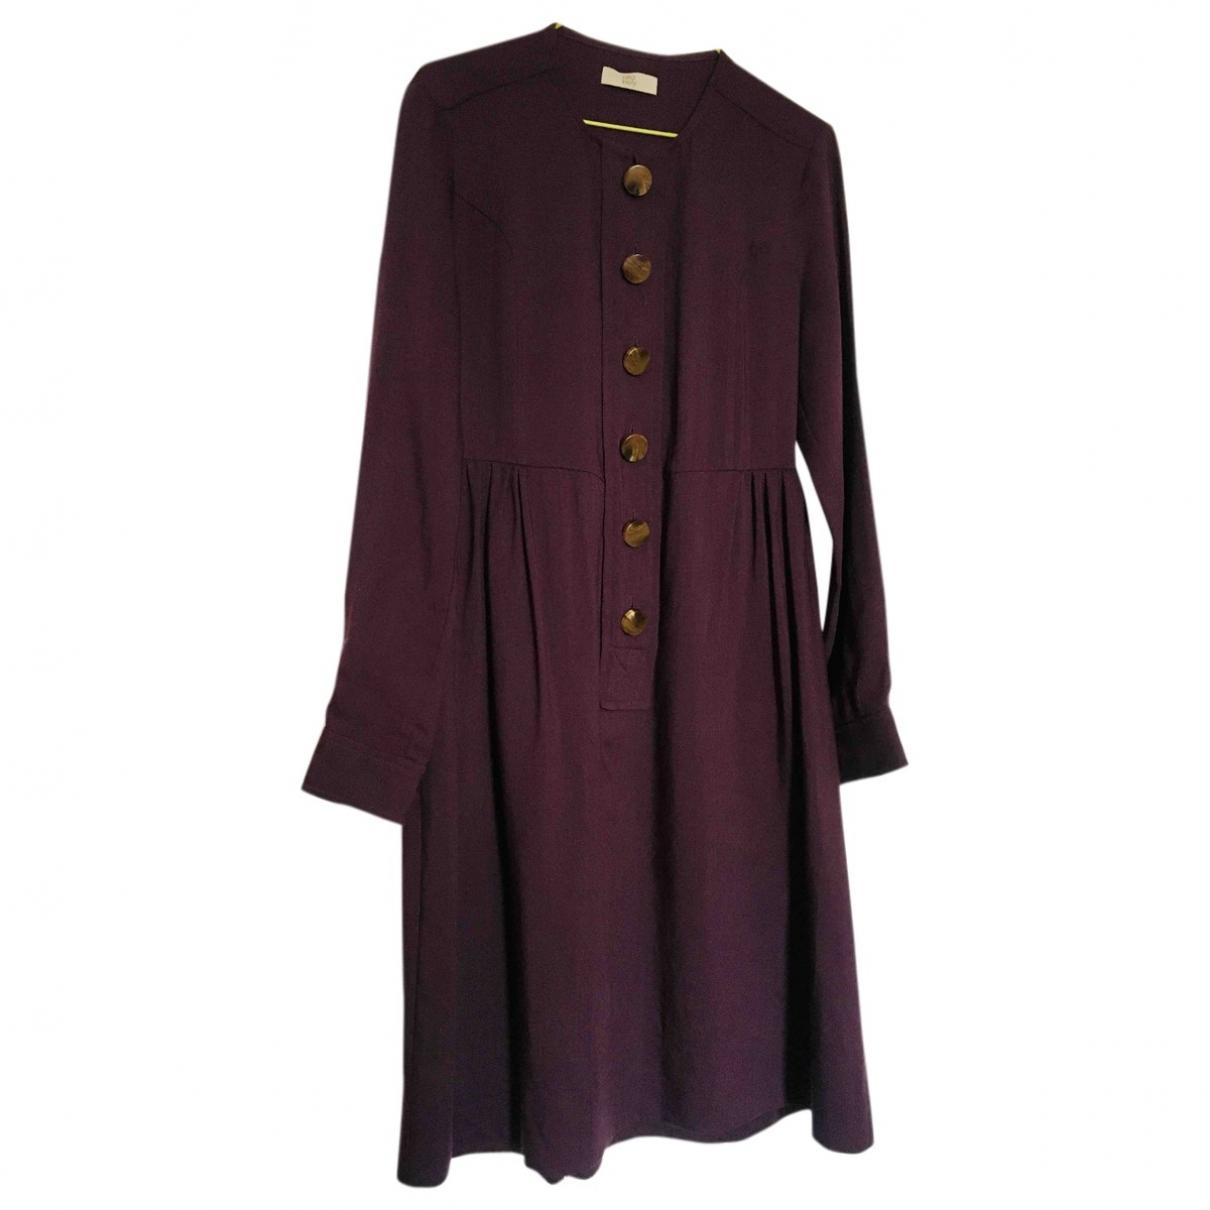 Orla Kiely \N Kleid in Wolle